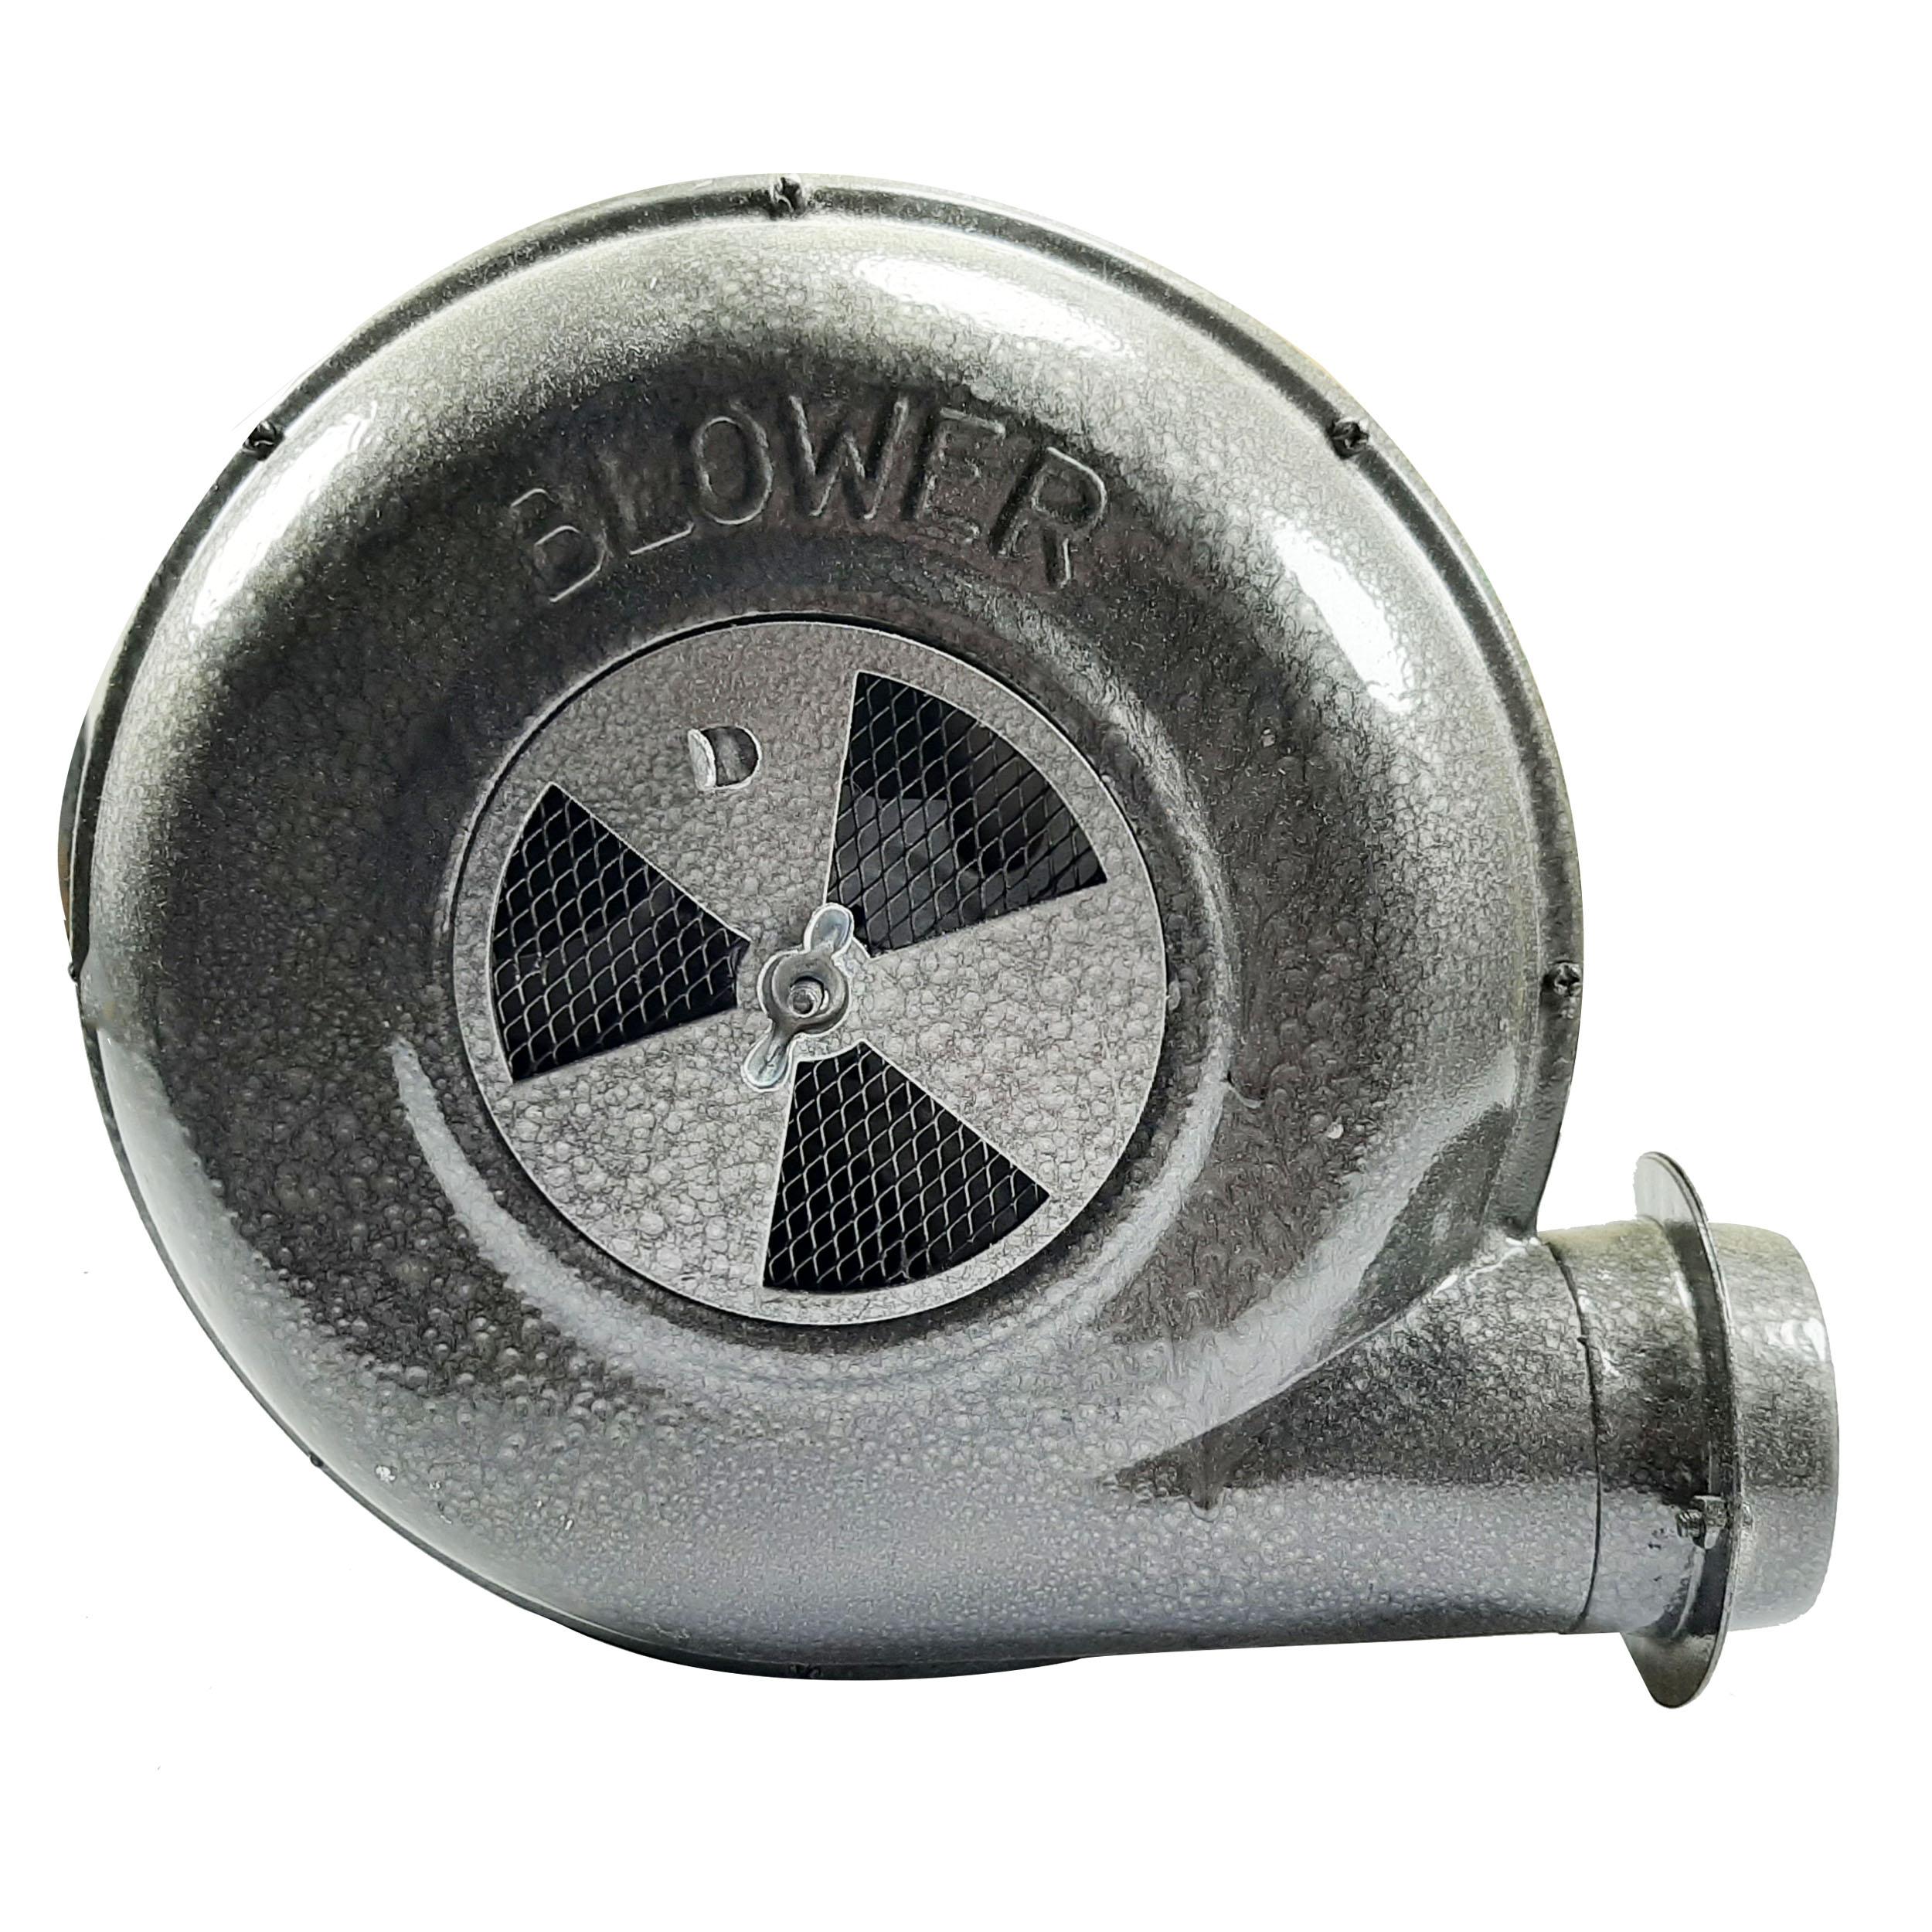 دستگاه دمنده مدلKH-01